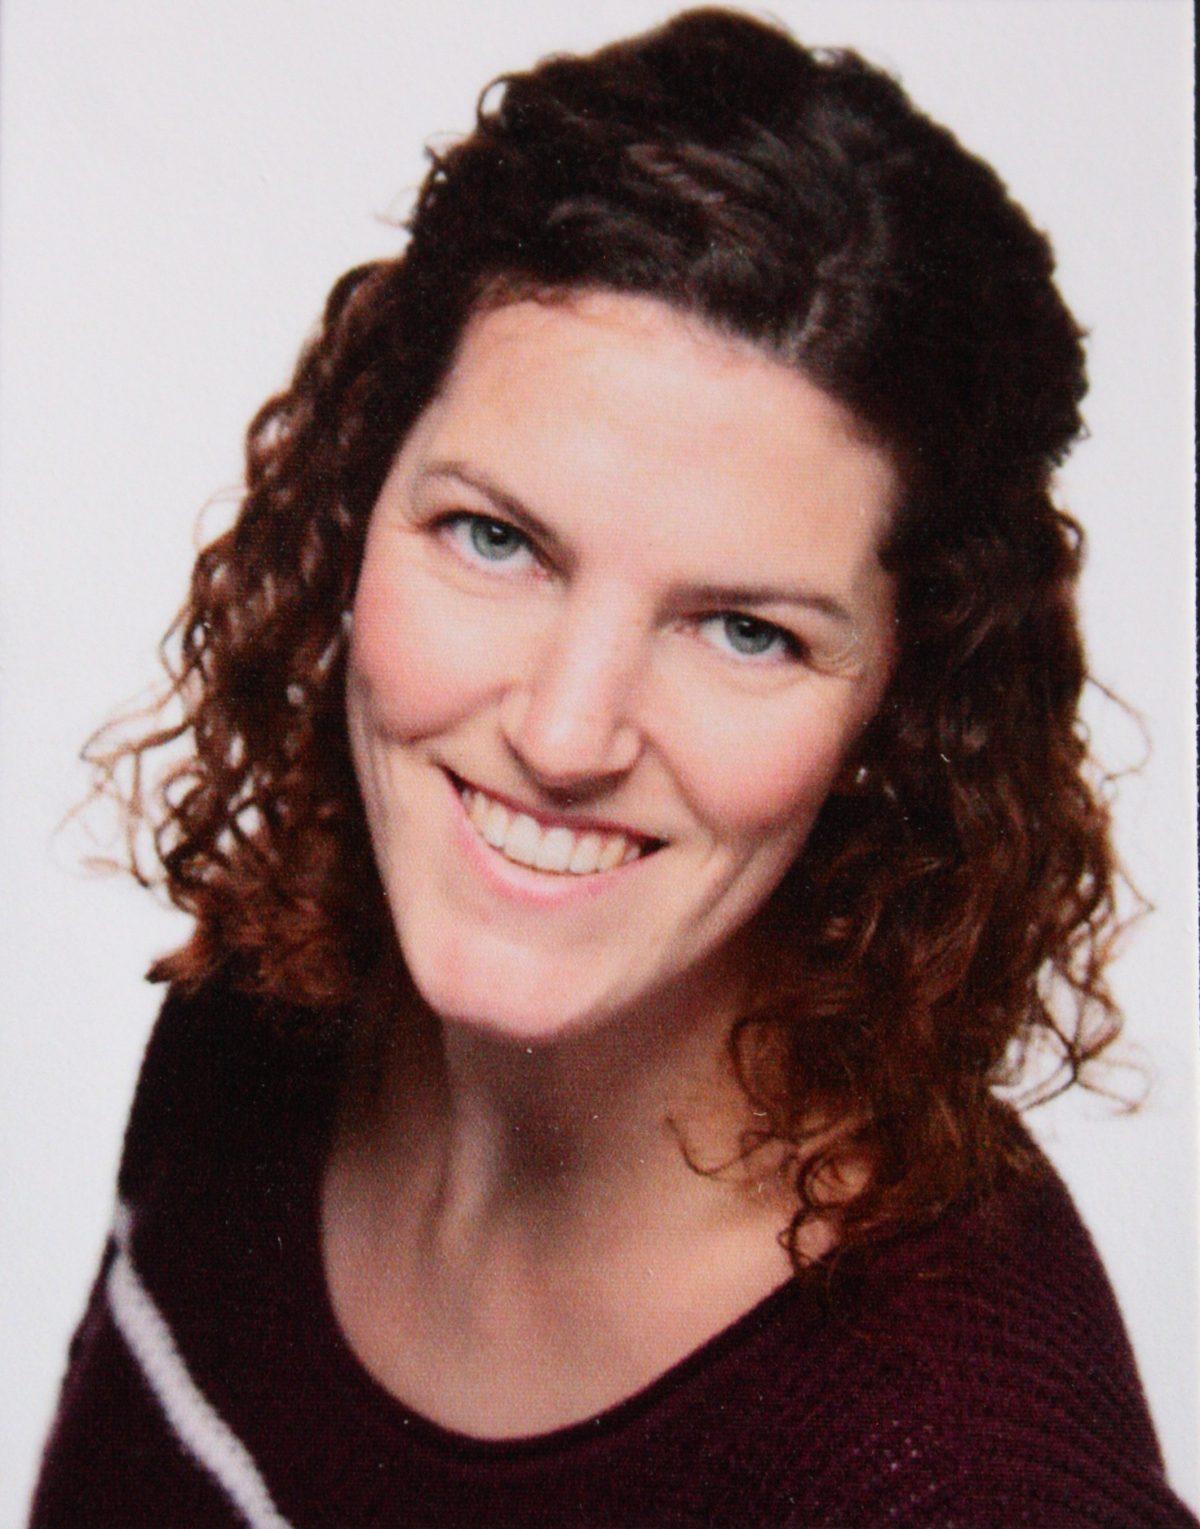 Lisa Rüdel